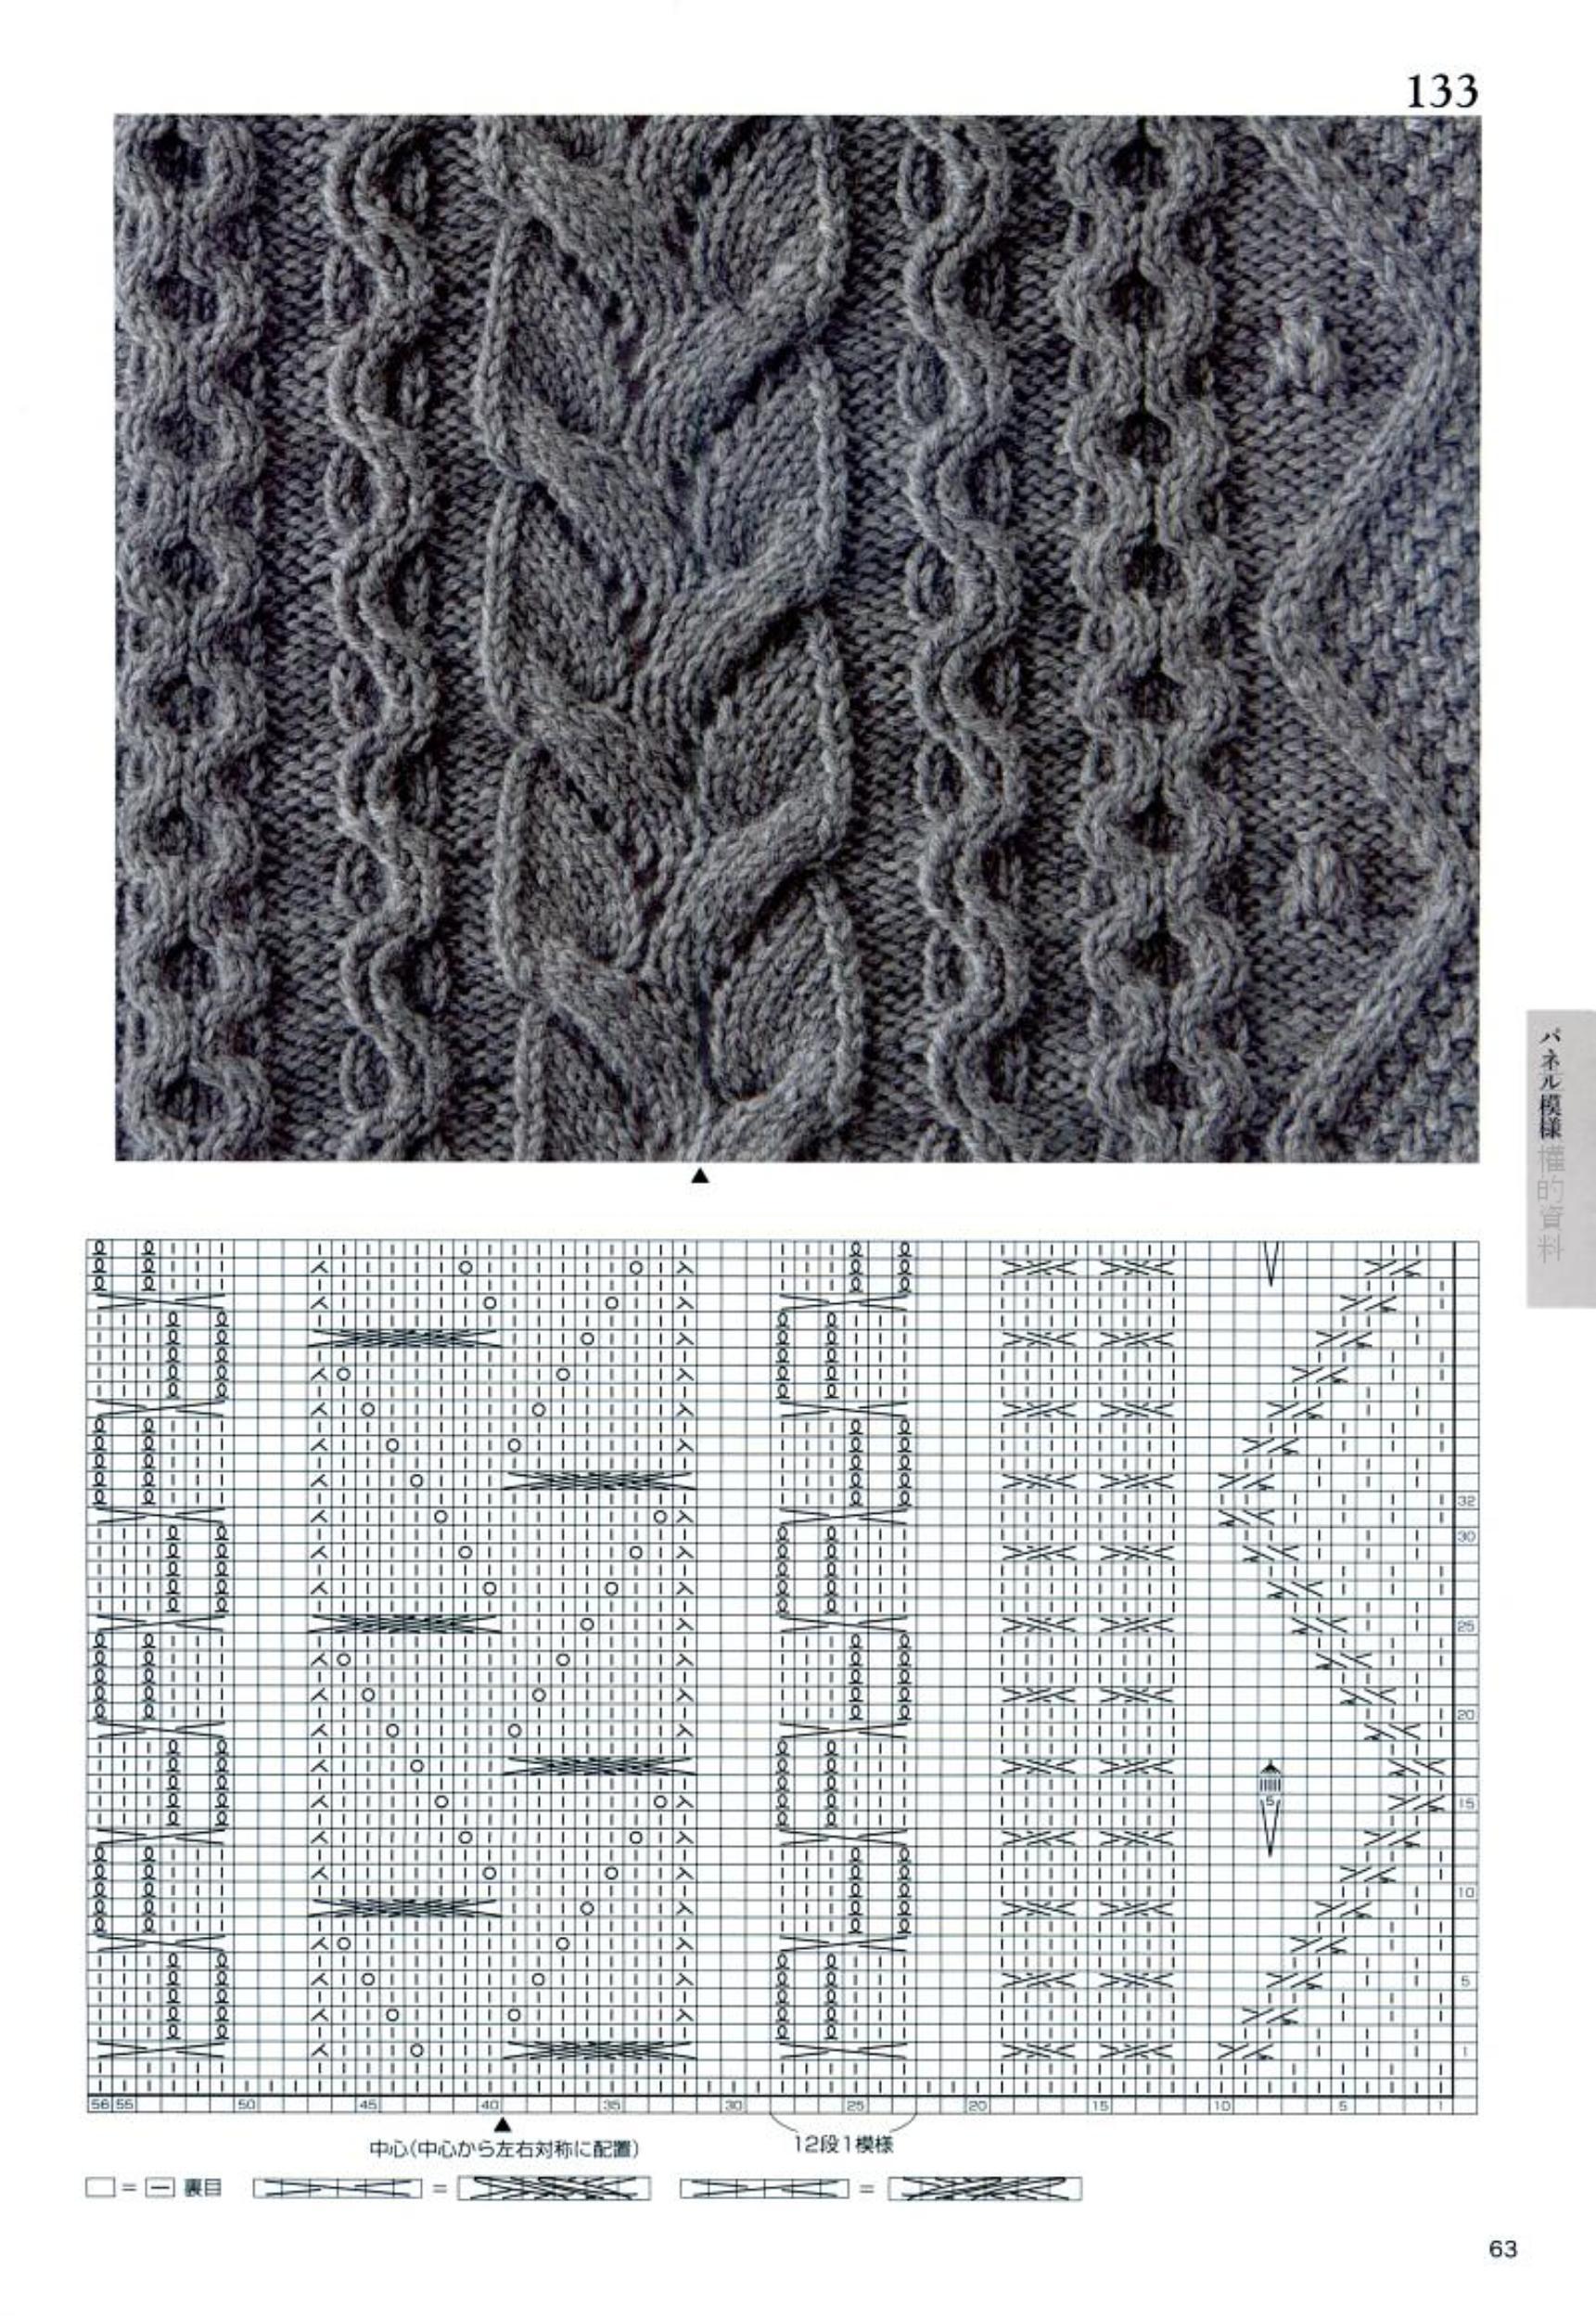 Японские узоры для вязания спицами со схемами для сайта *Модное вязание *,http://modnoevyazanie.ru.com/